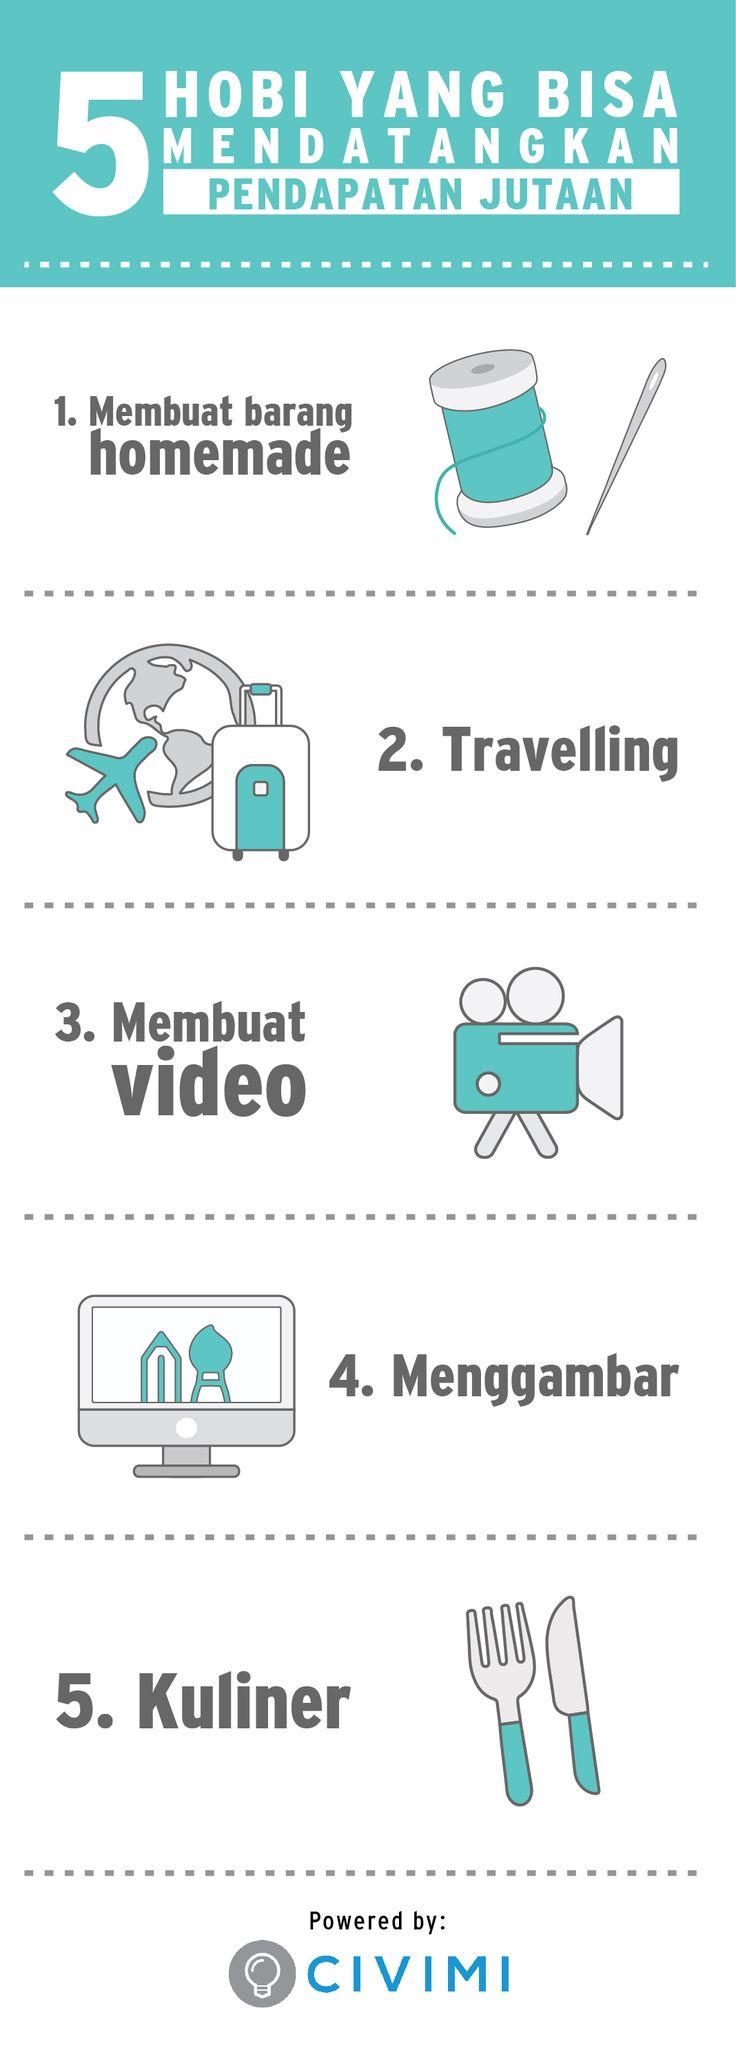 5 Hobi yang Bisa Mendatangkan Pendapatan Jutaan (Infographic)